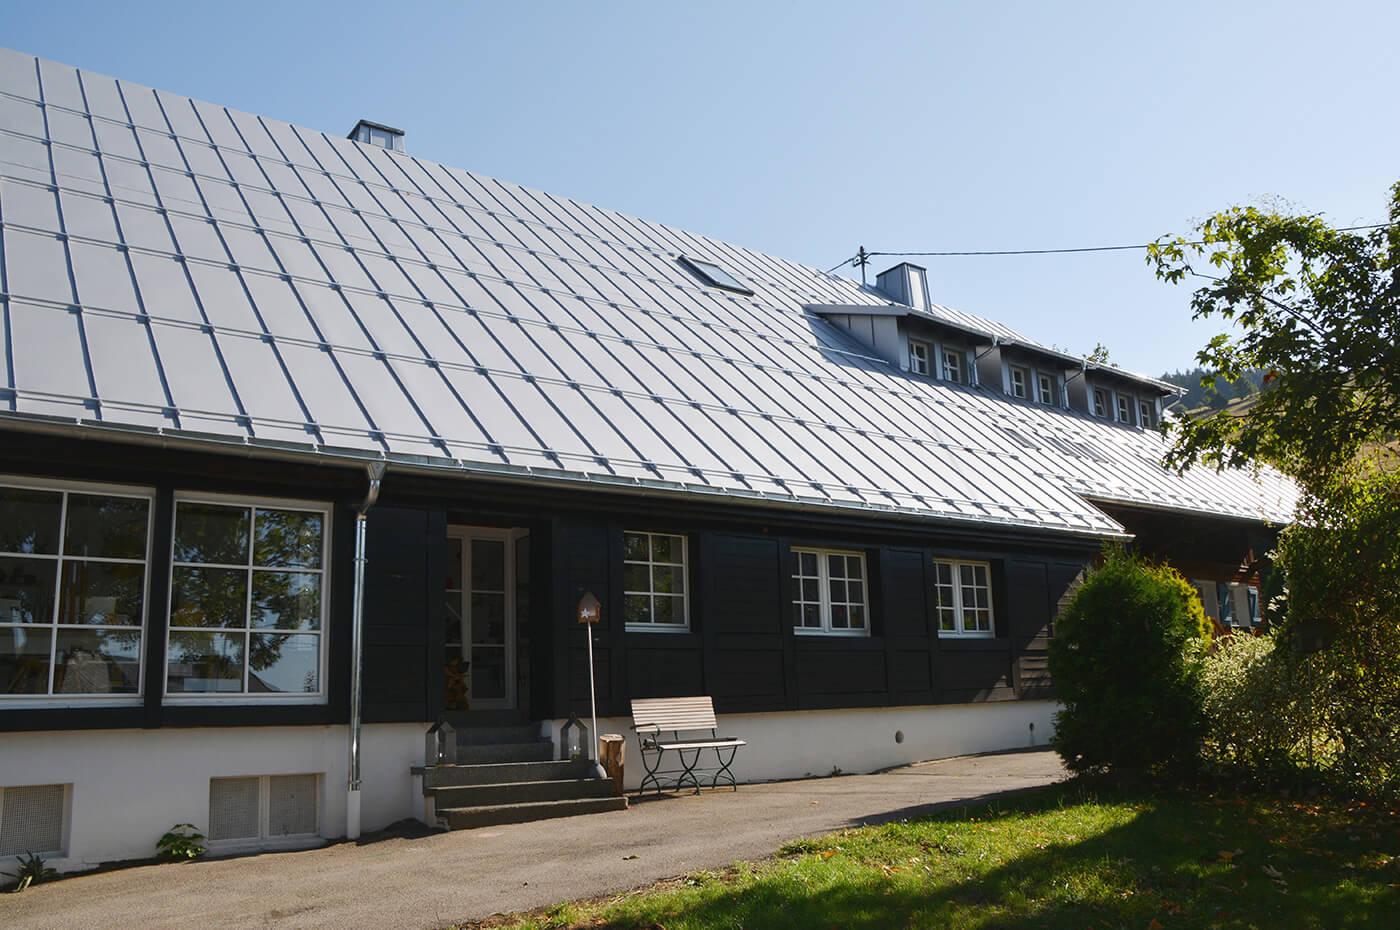 Design-im-Dorf-Zumkeller-Holz-Todtmoos-1